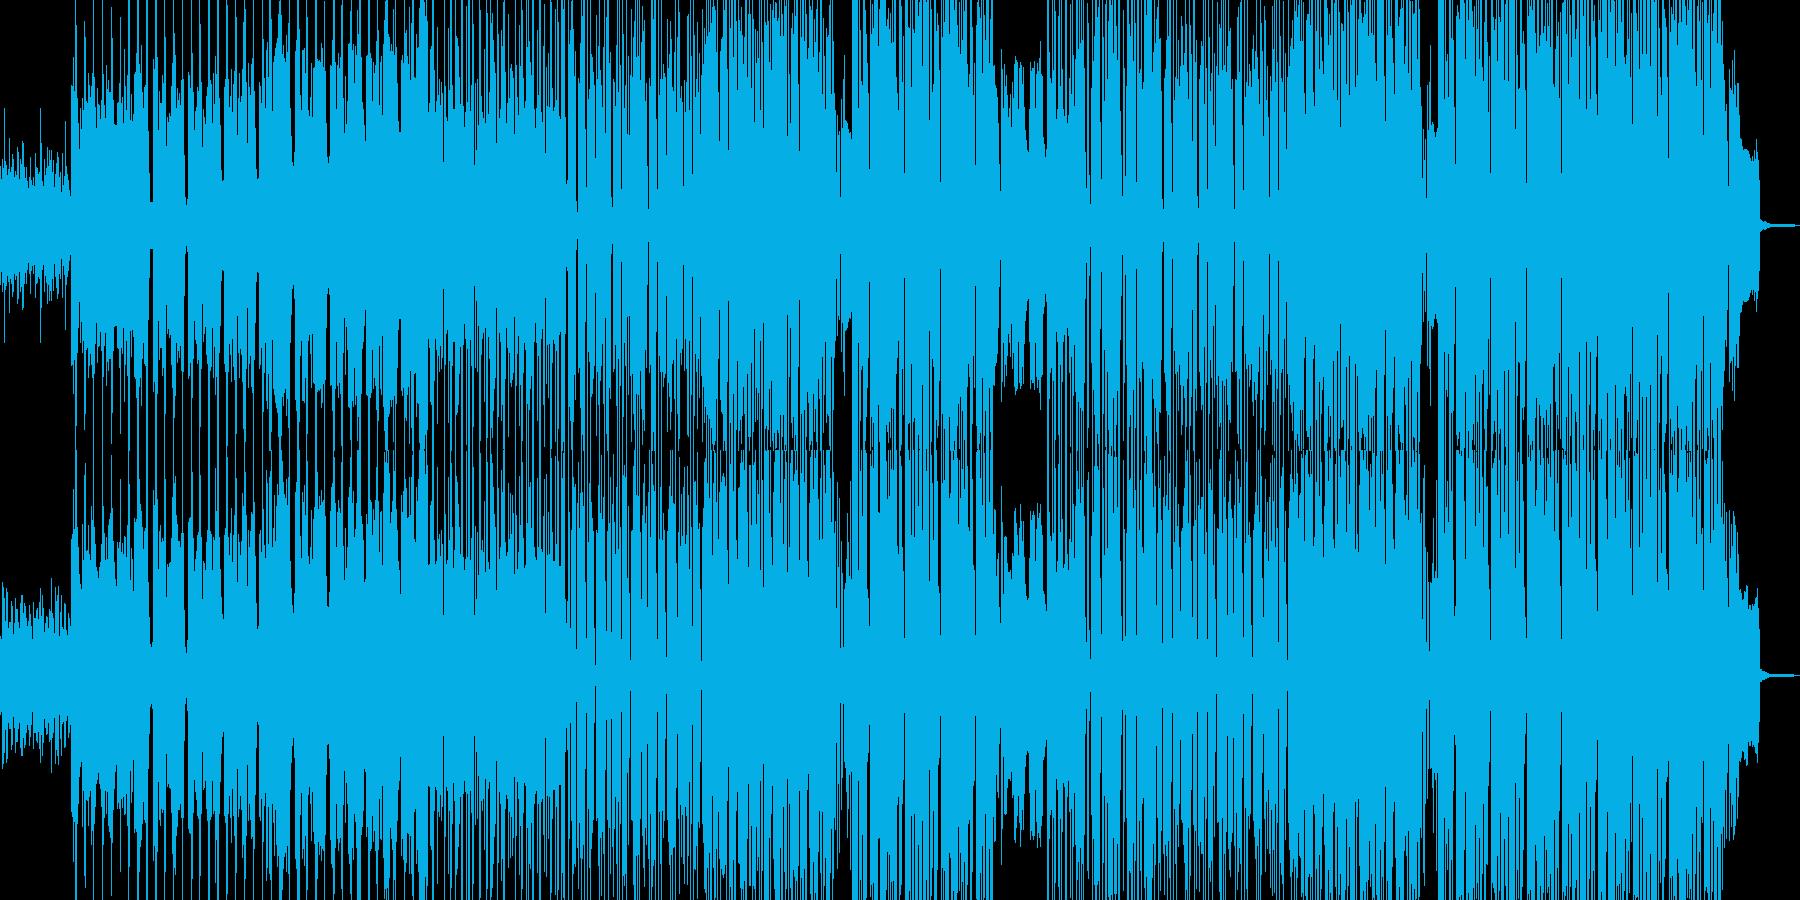 エモい雰囲気に適したヒップホップの再生済みの波形